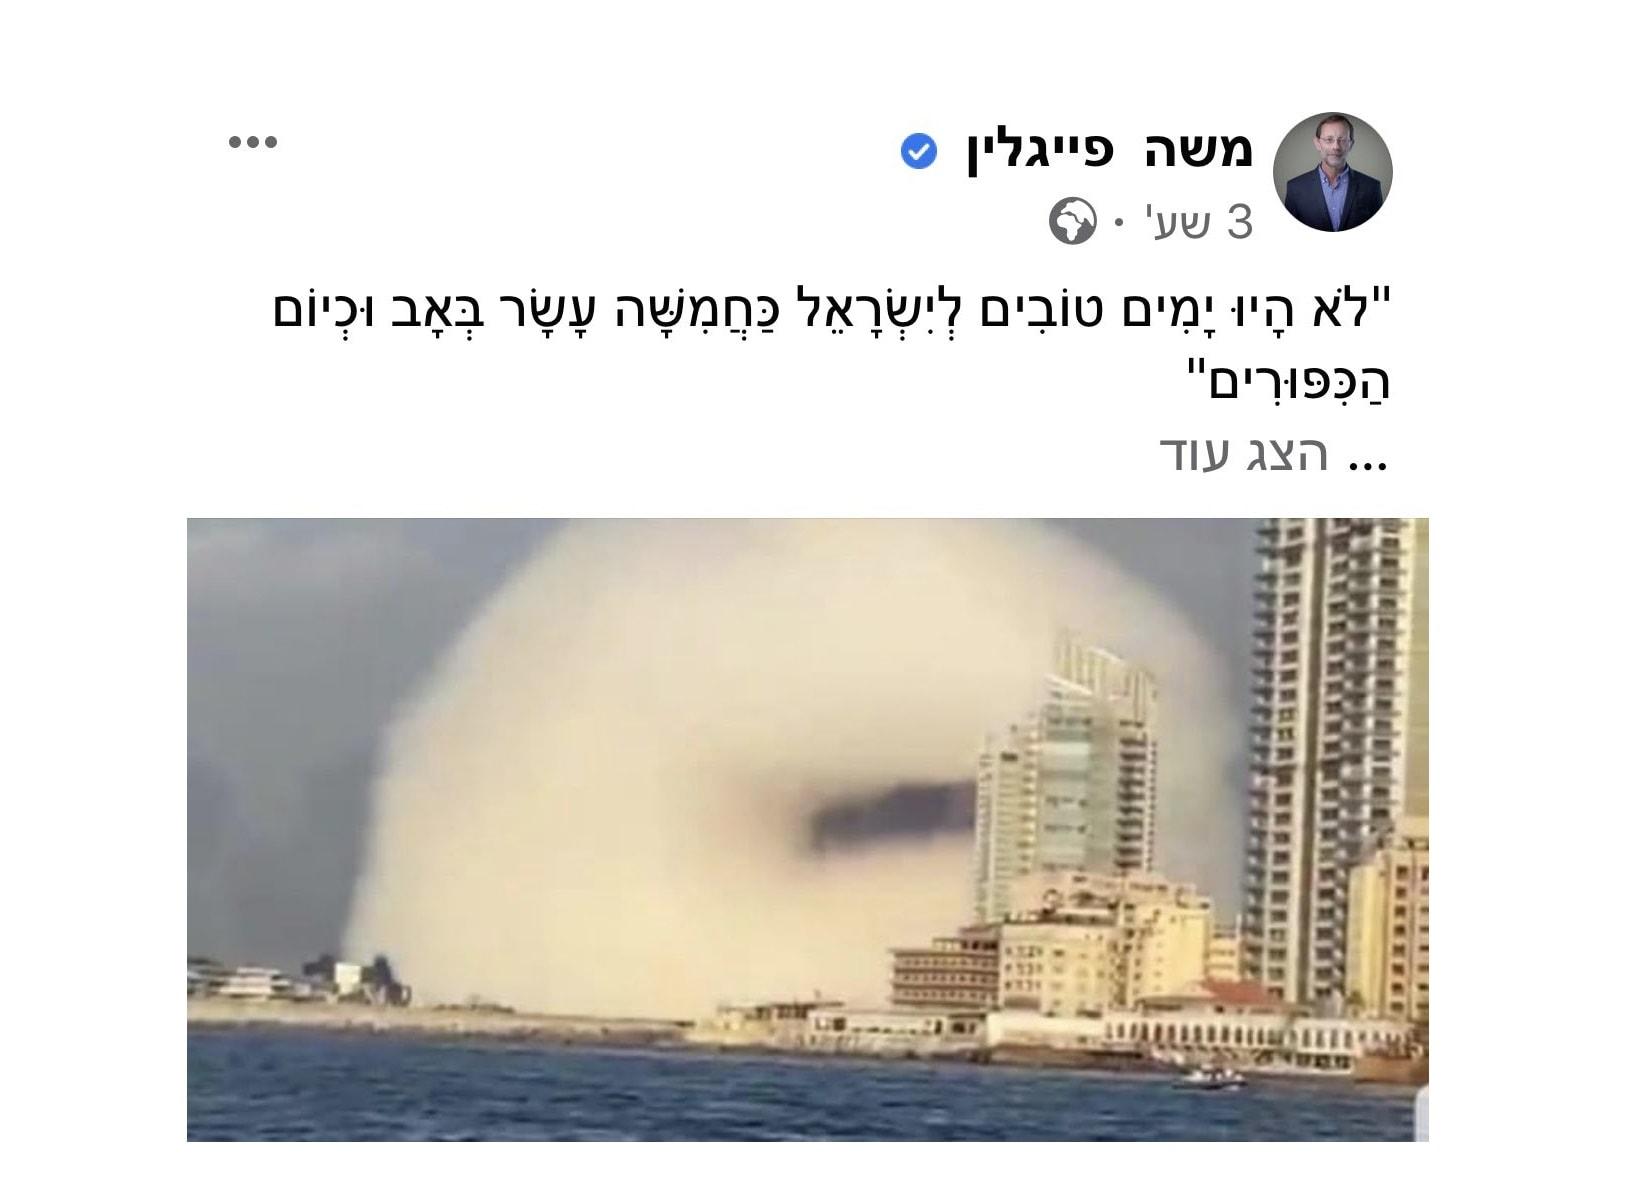 ציוץ של משה פייגלין על האסון בנמל ביירות